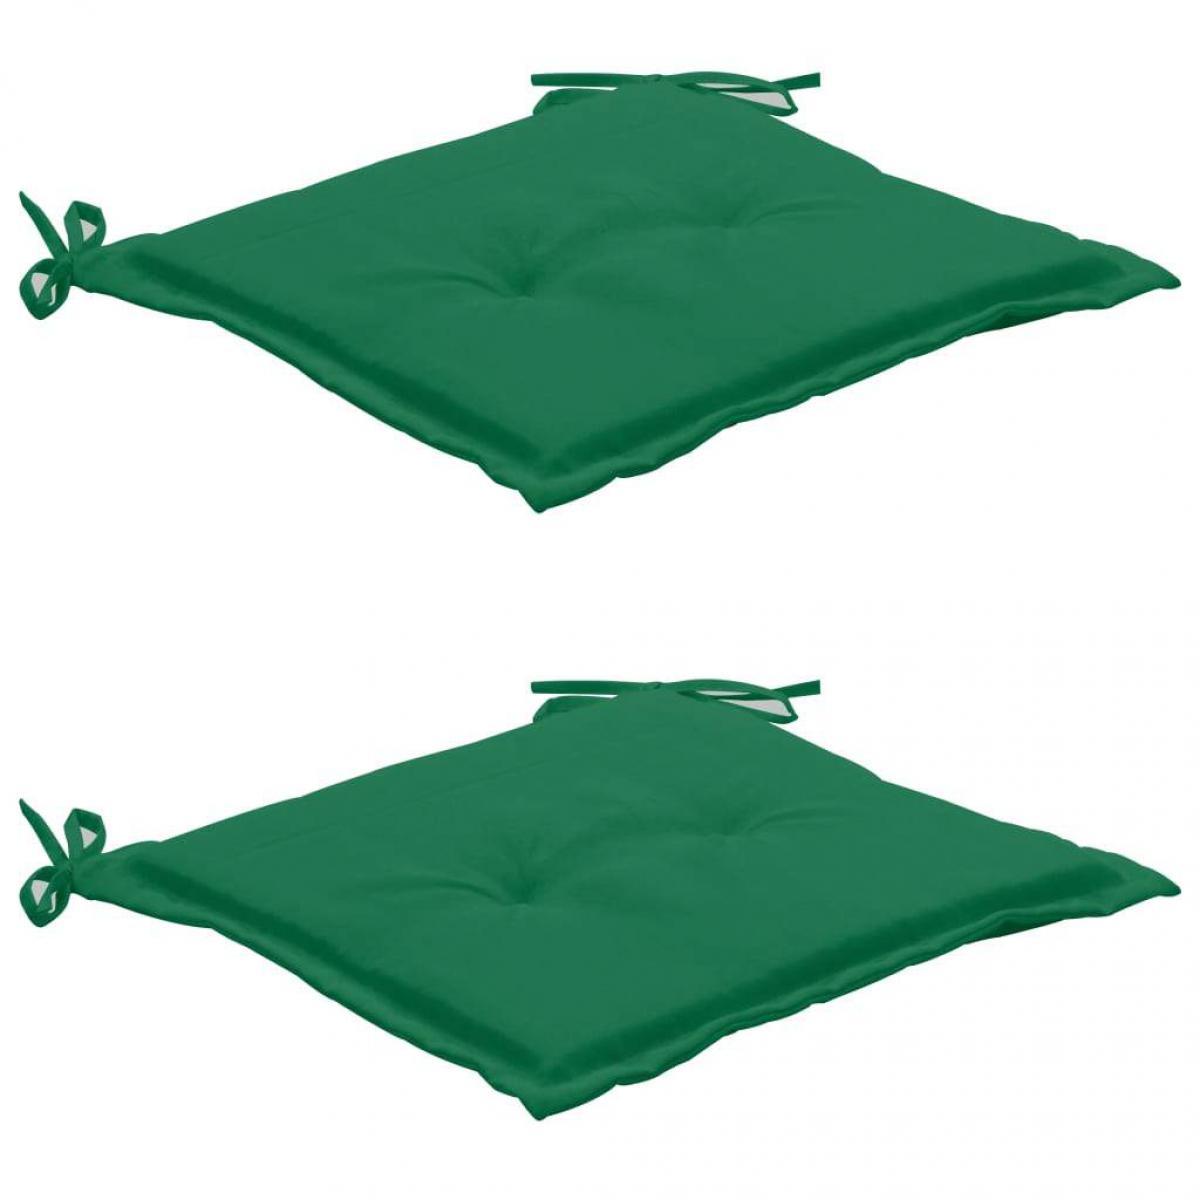 Decoshop26 lot de 2 coussins de chaise de jardin 100% polyester imperméable vert 50x50x3 cm DEC021726